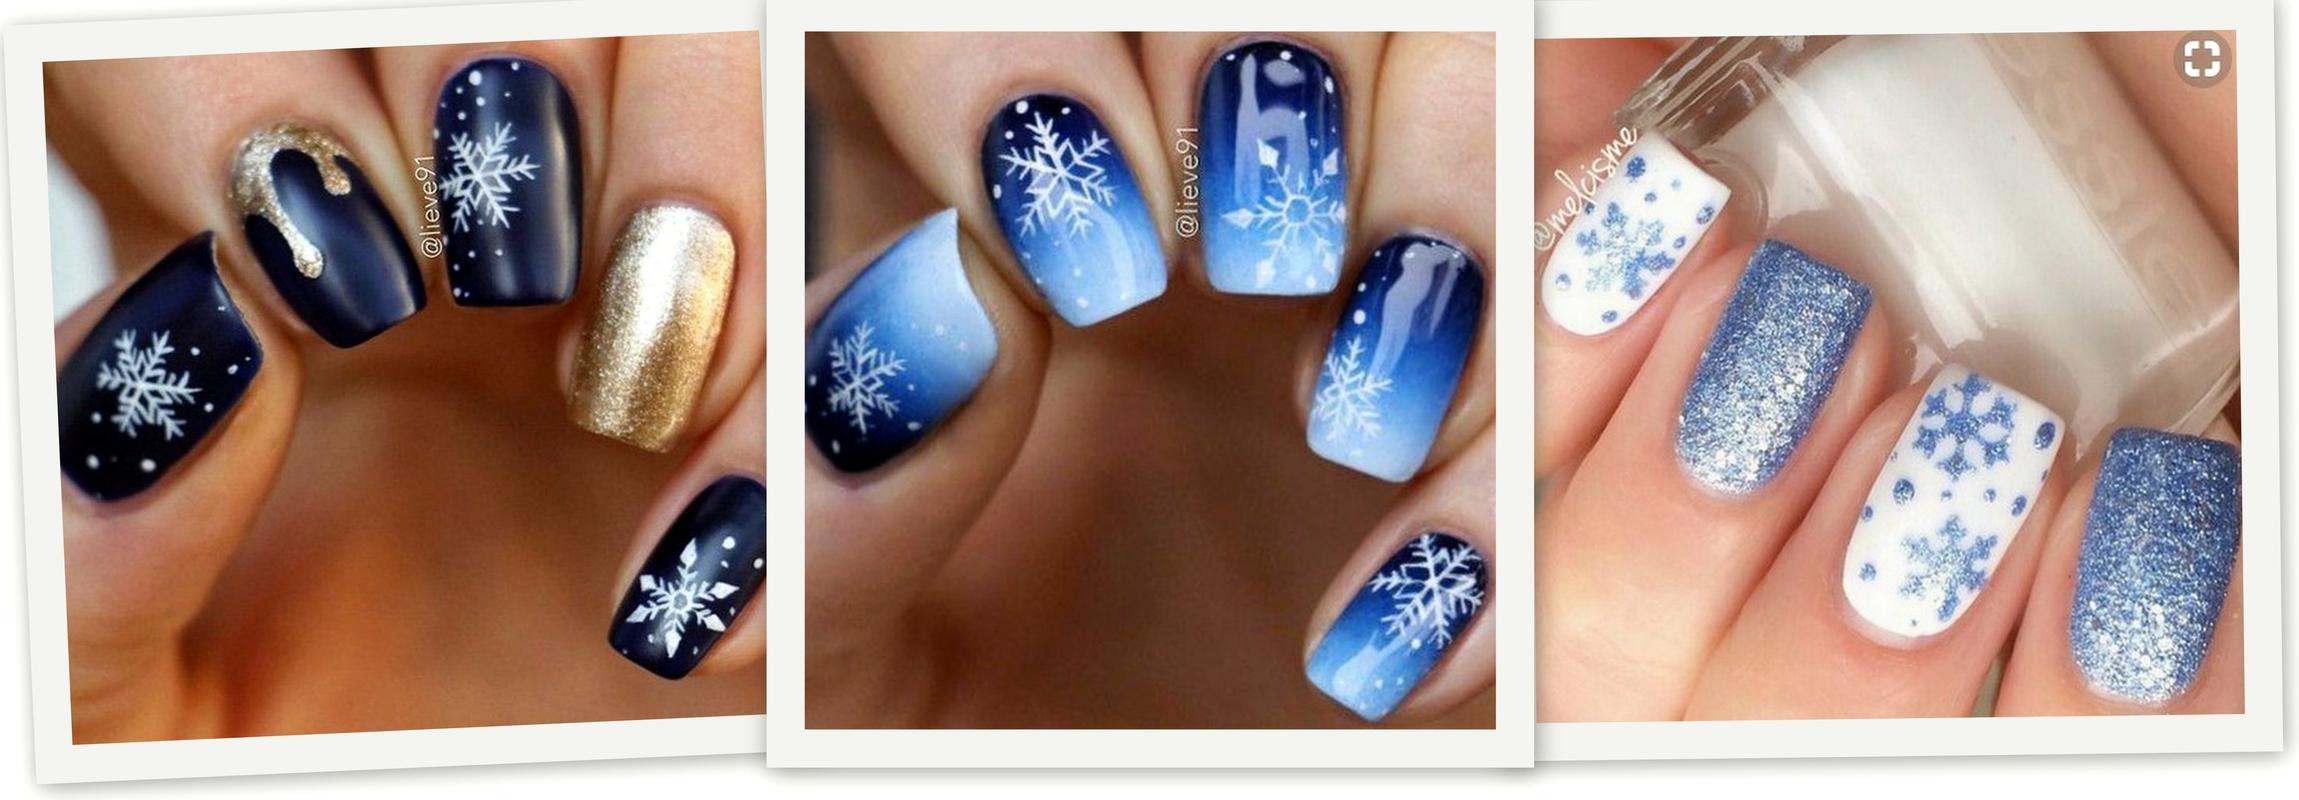 Jak Namalować śnieżynki Na Paznokciach Instrukcja Krok Po Kroku